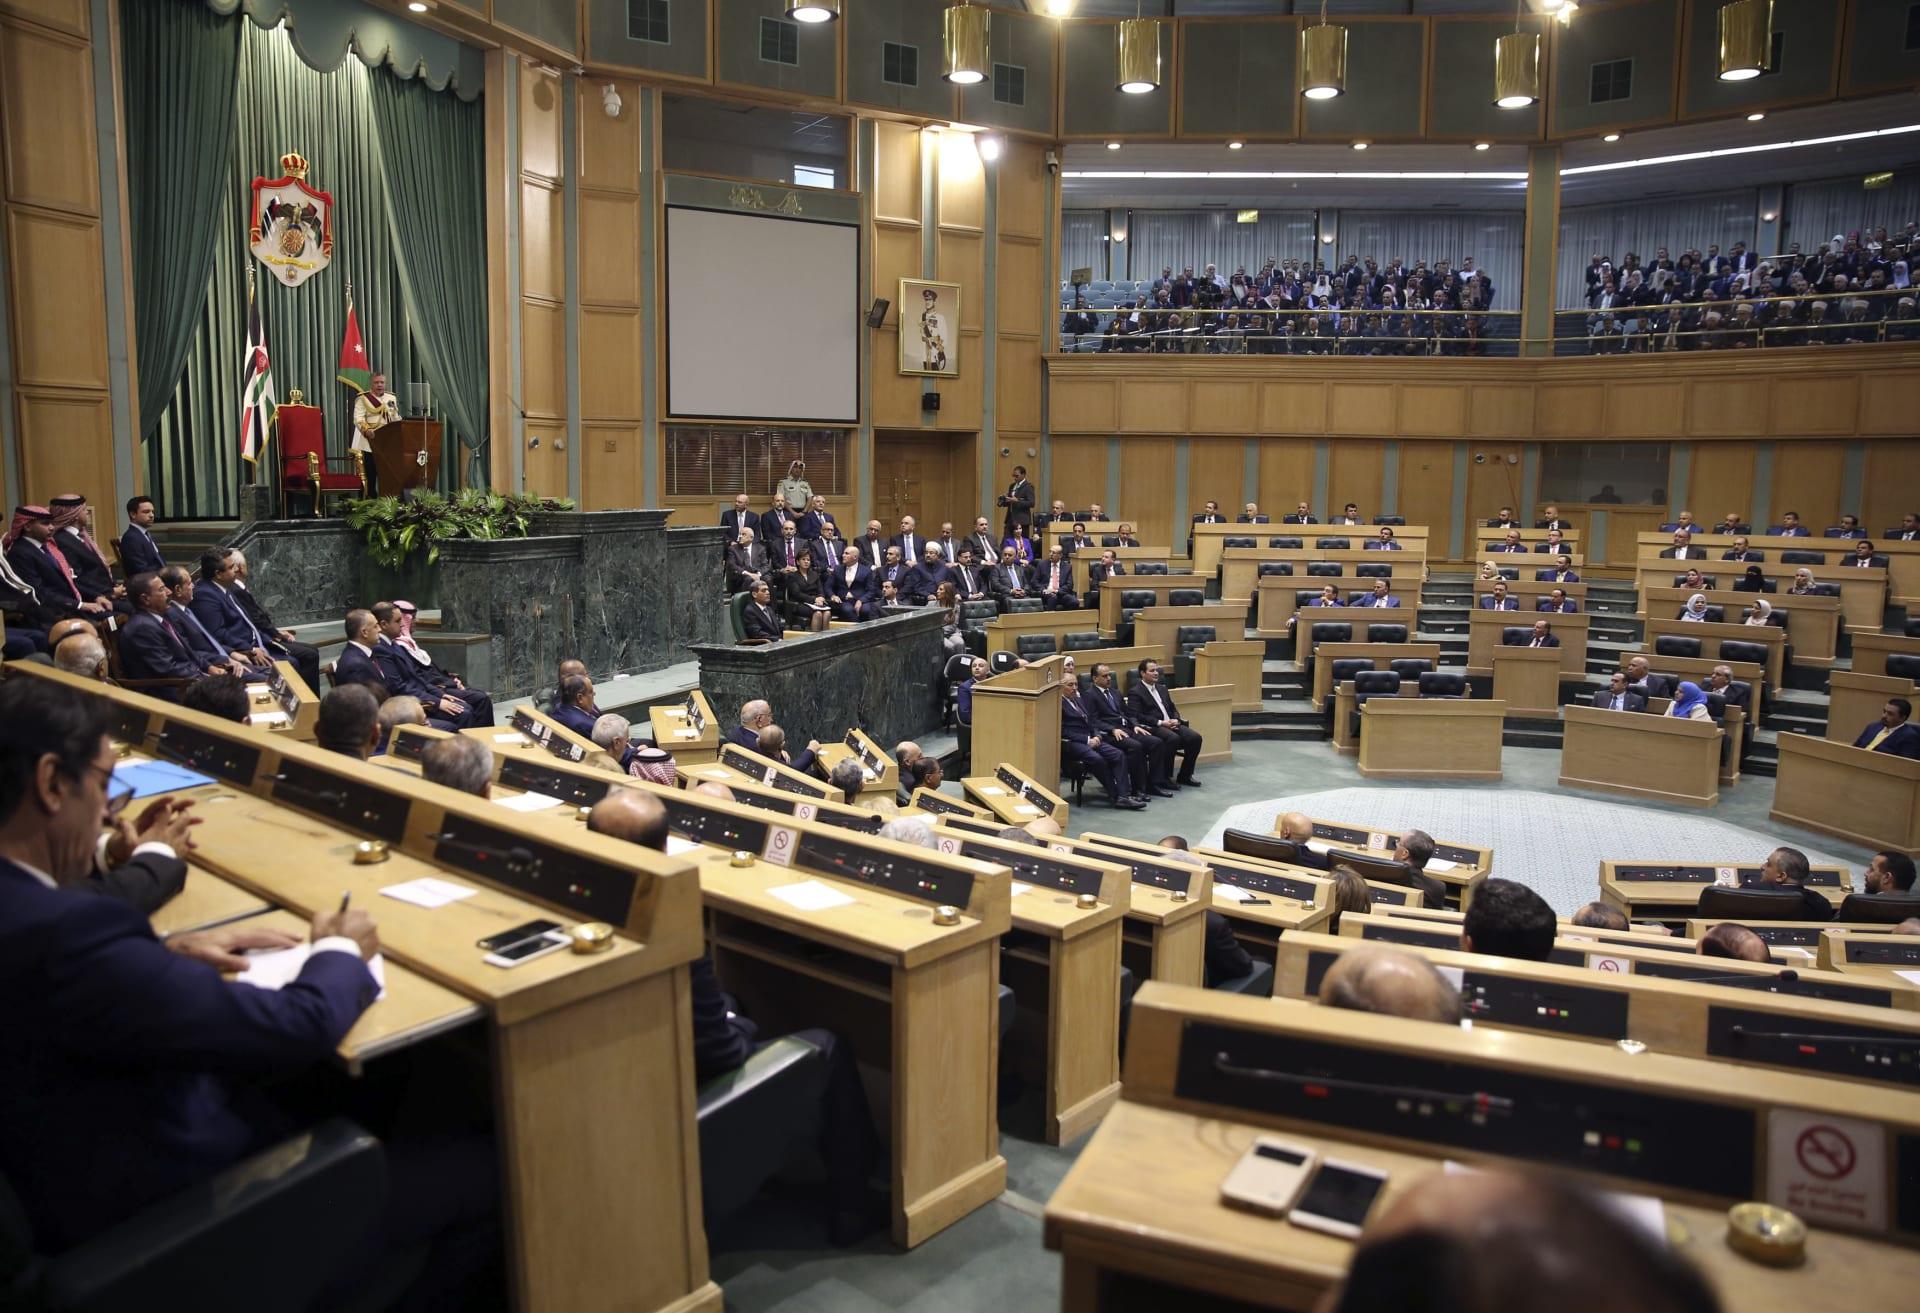 صورة أرشيفية للملك عبدالله يلقي كلمة في البرلمان